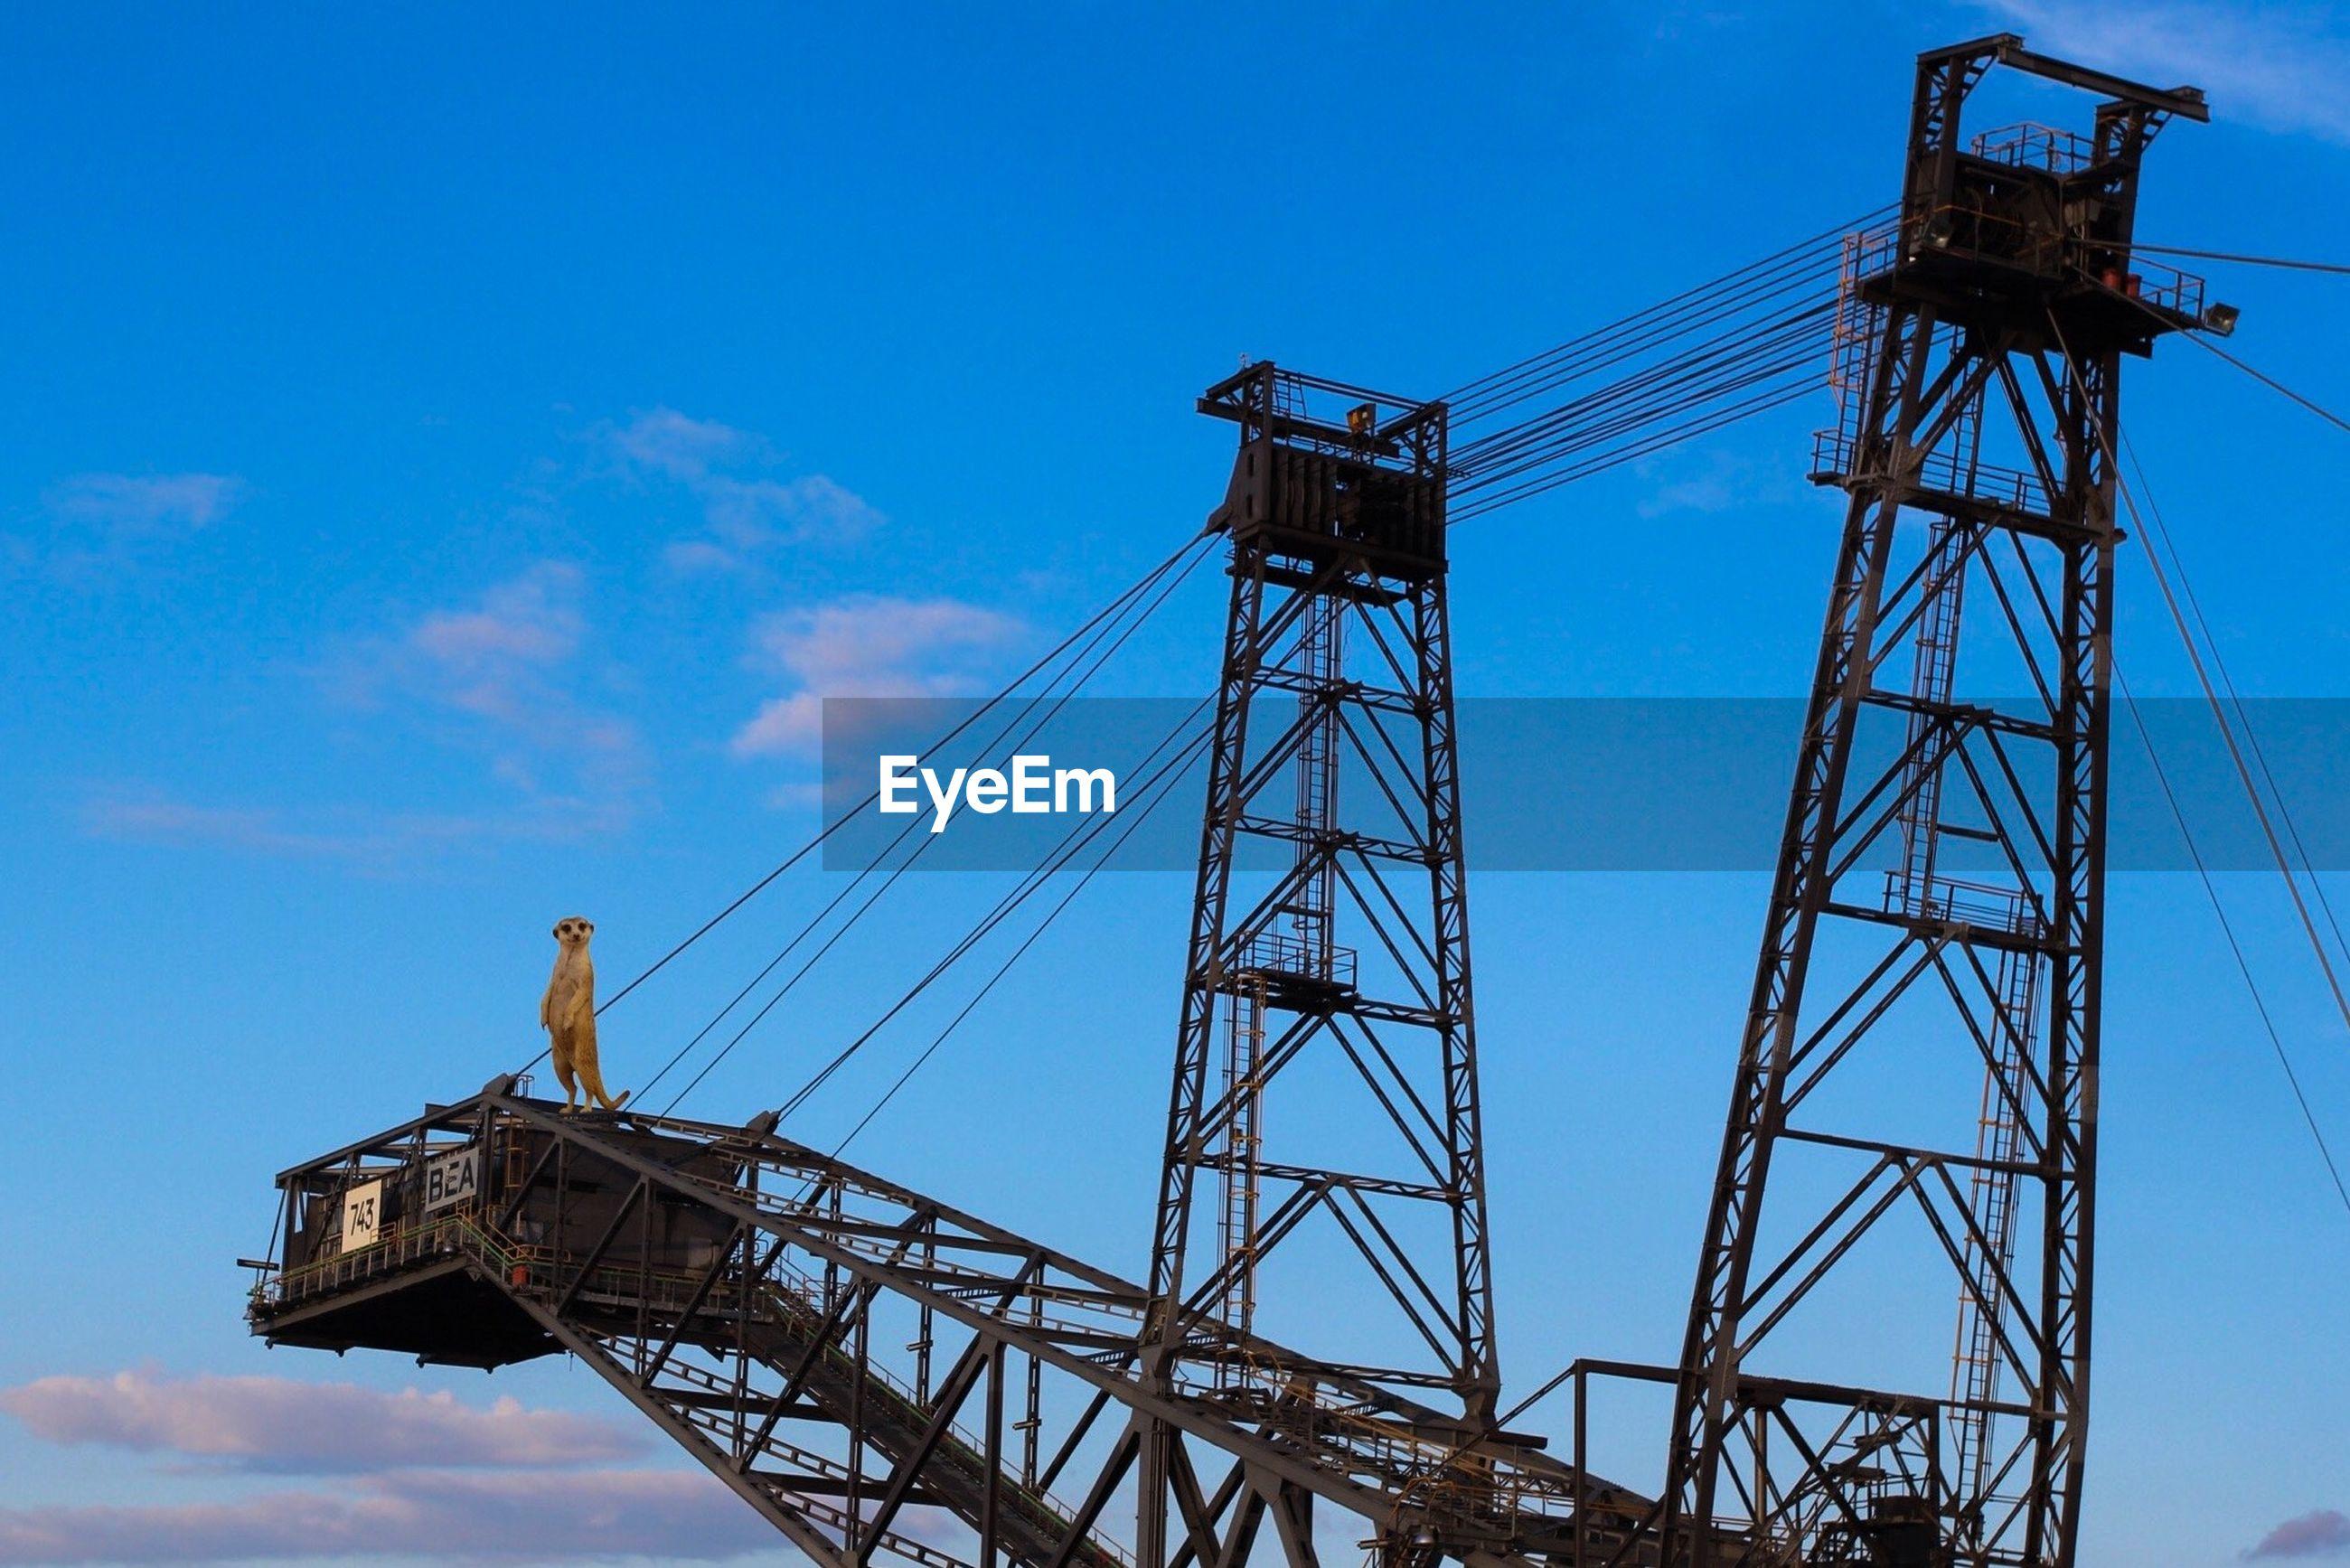 Meerkat on crane against blue sky